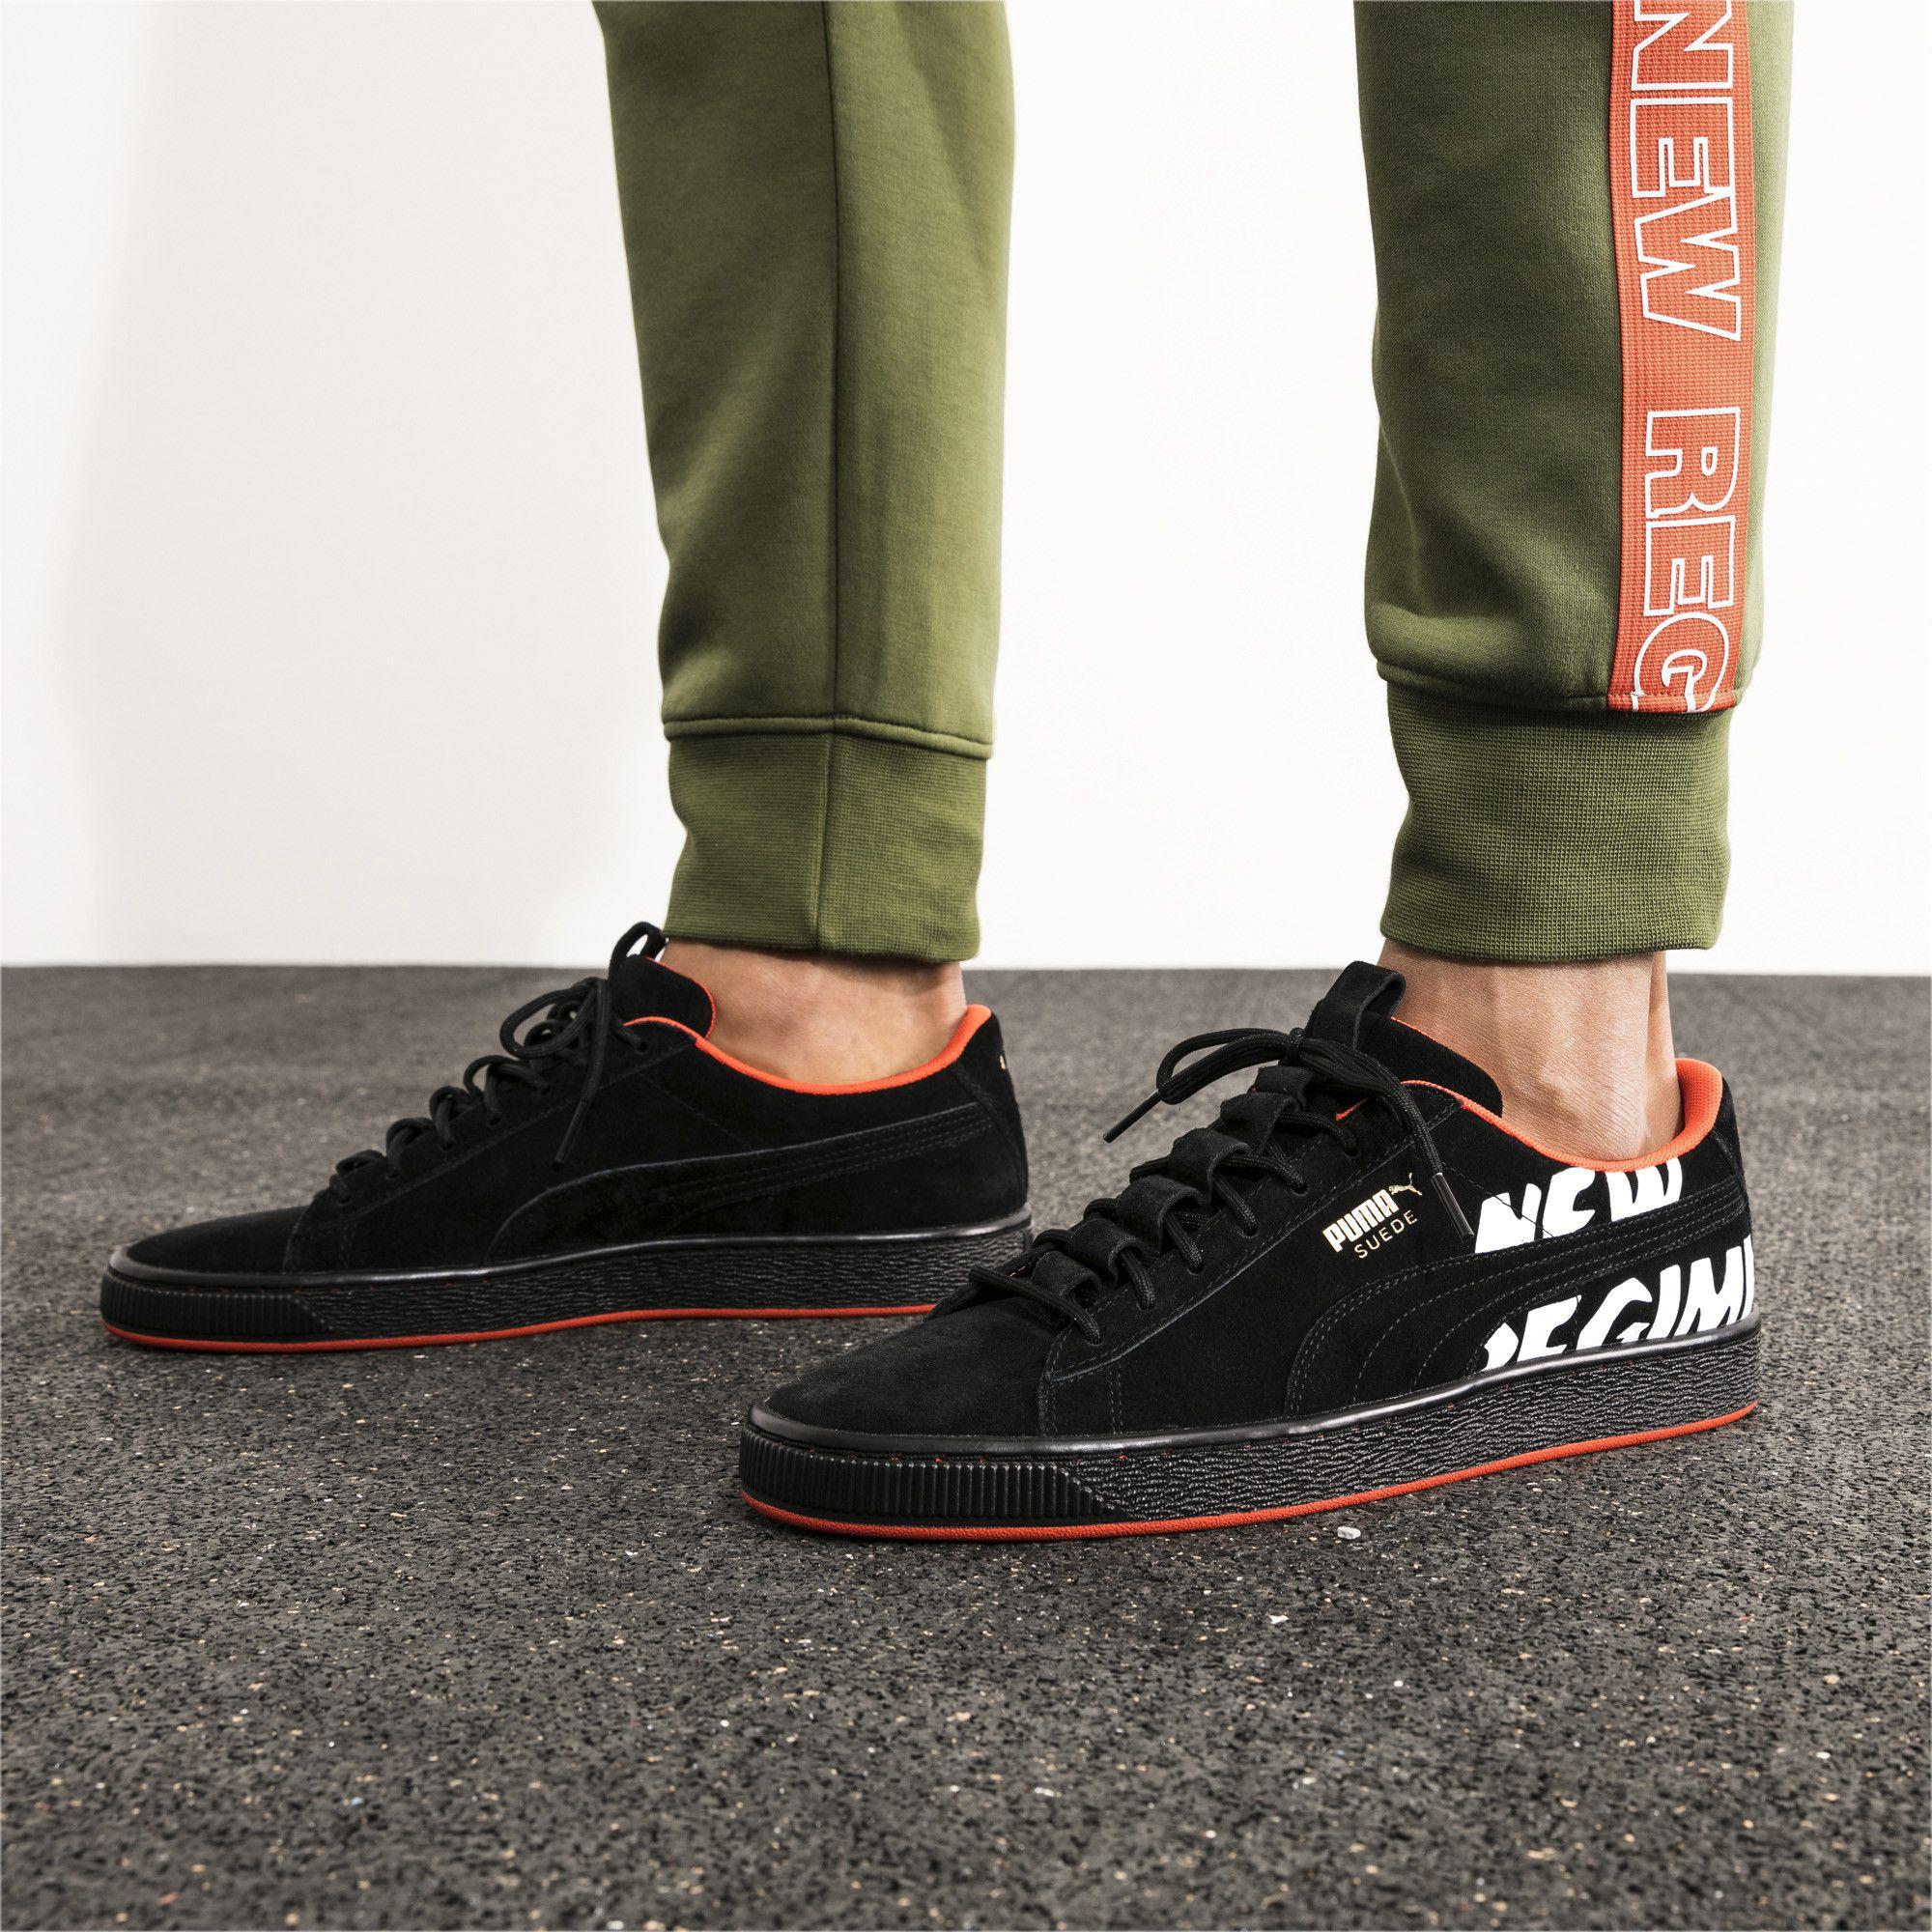 9be2160022 PUMA x ATELIER NEW REGIME Suede Sneakers | Scarlet Ibis-Scarlet Ibis ...